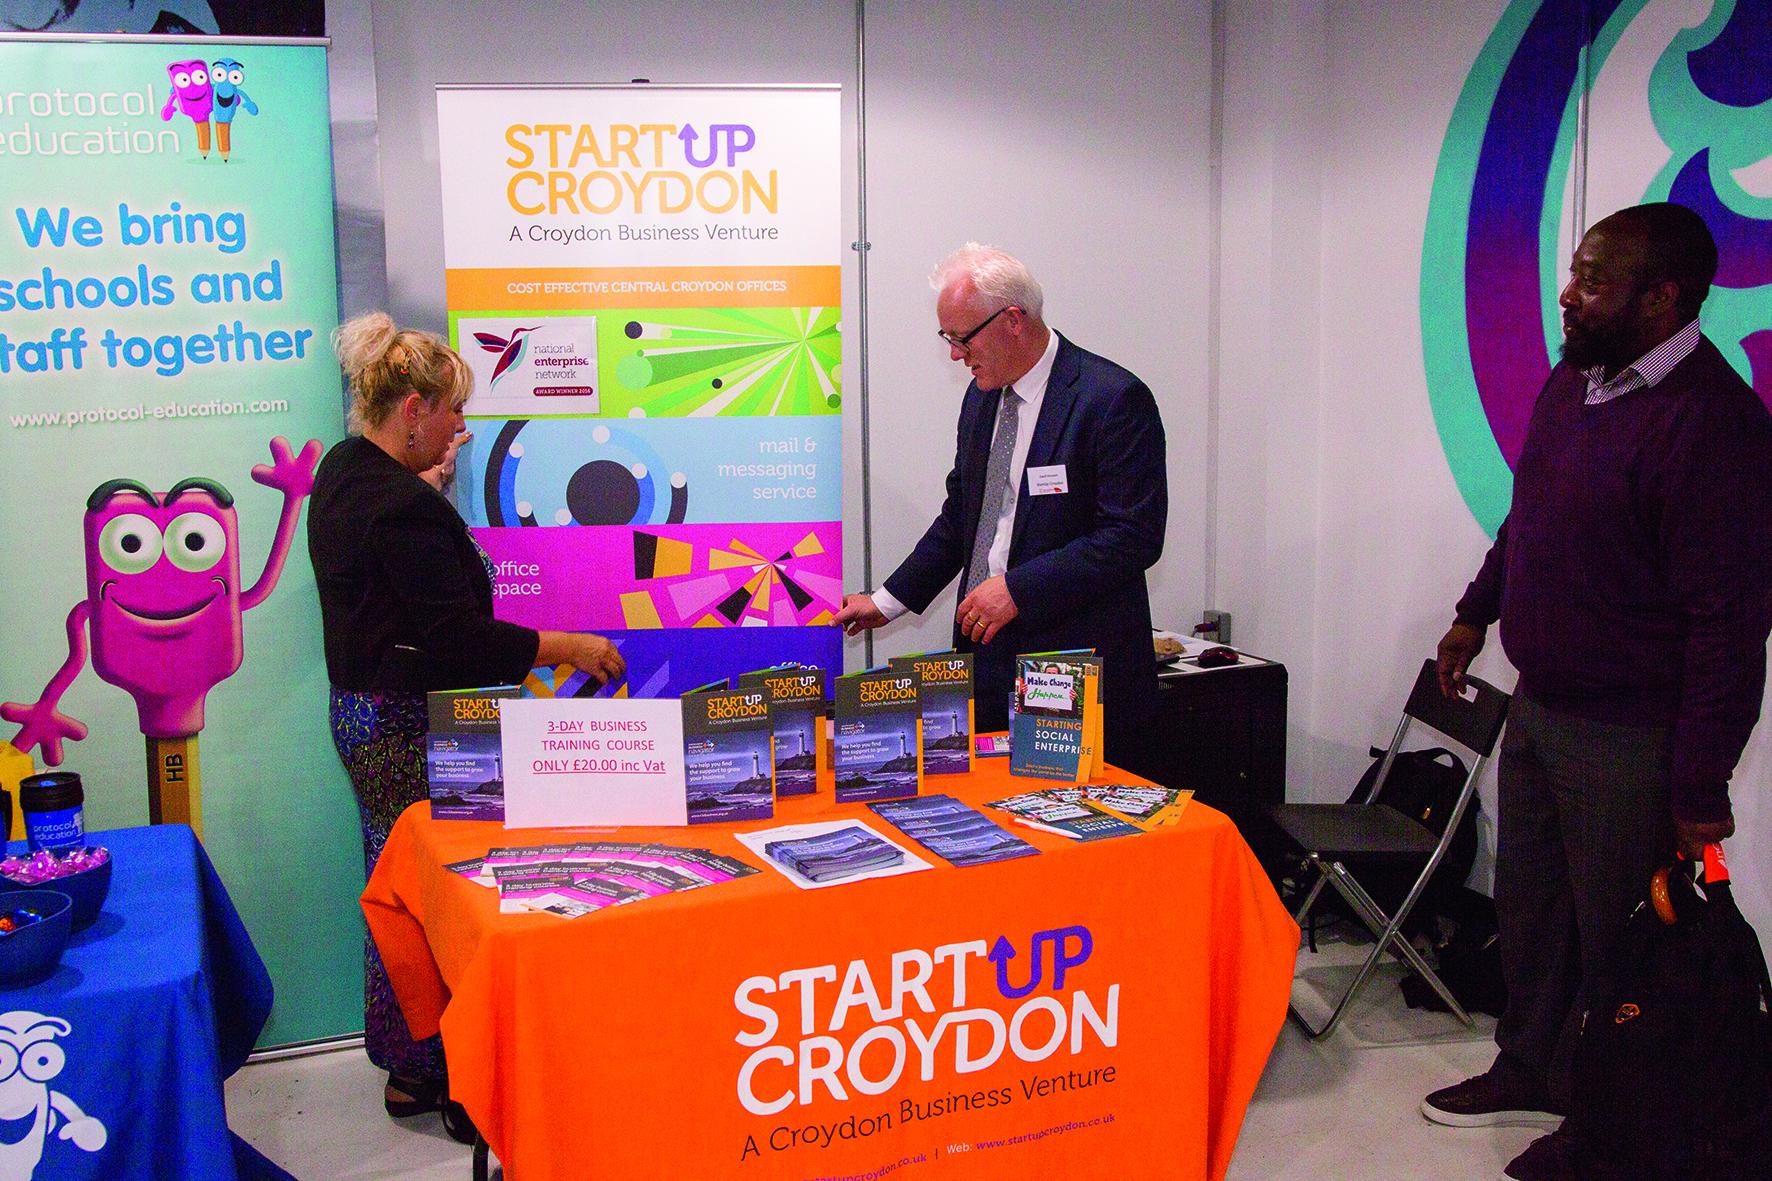 StartUp Croydon attain Good Employer Status